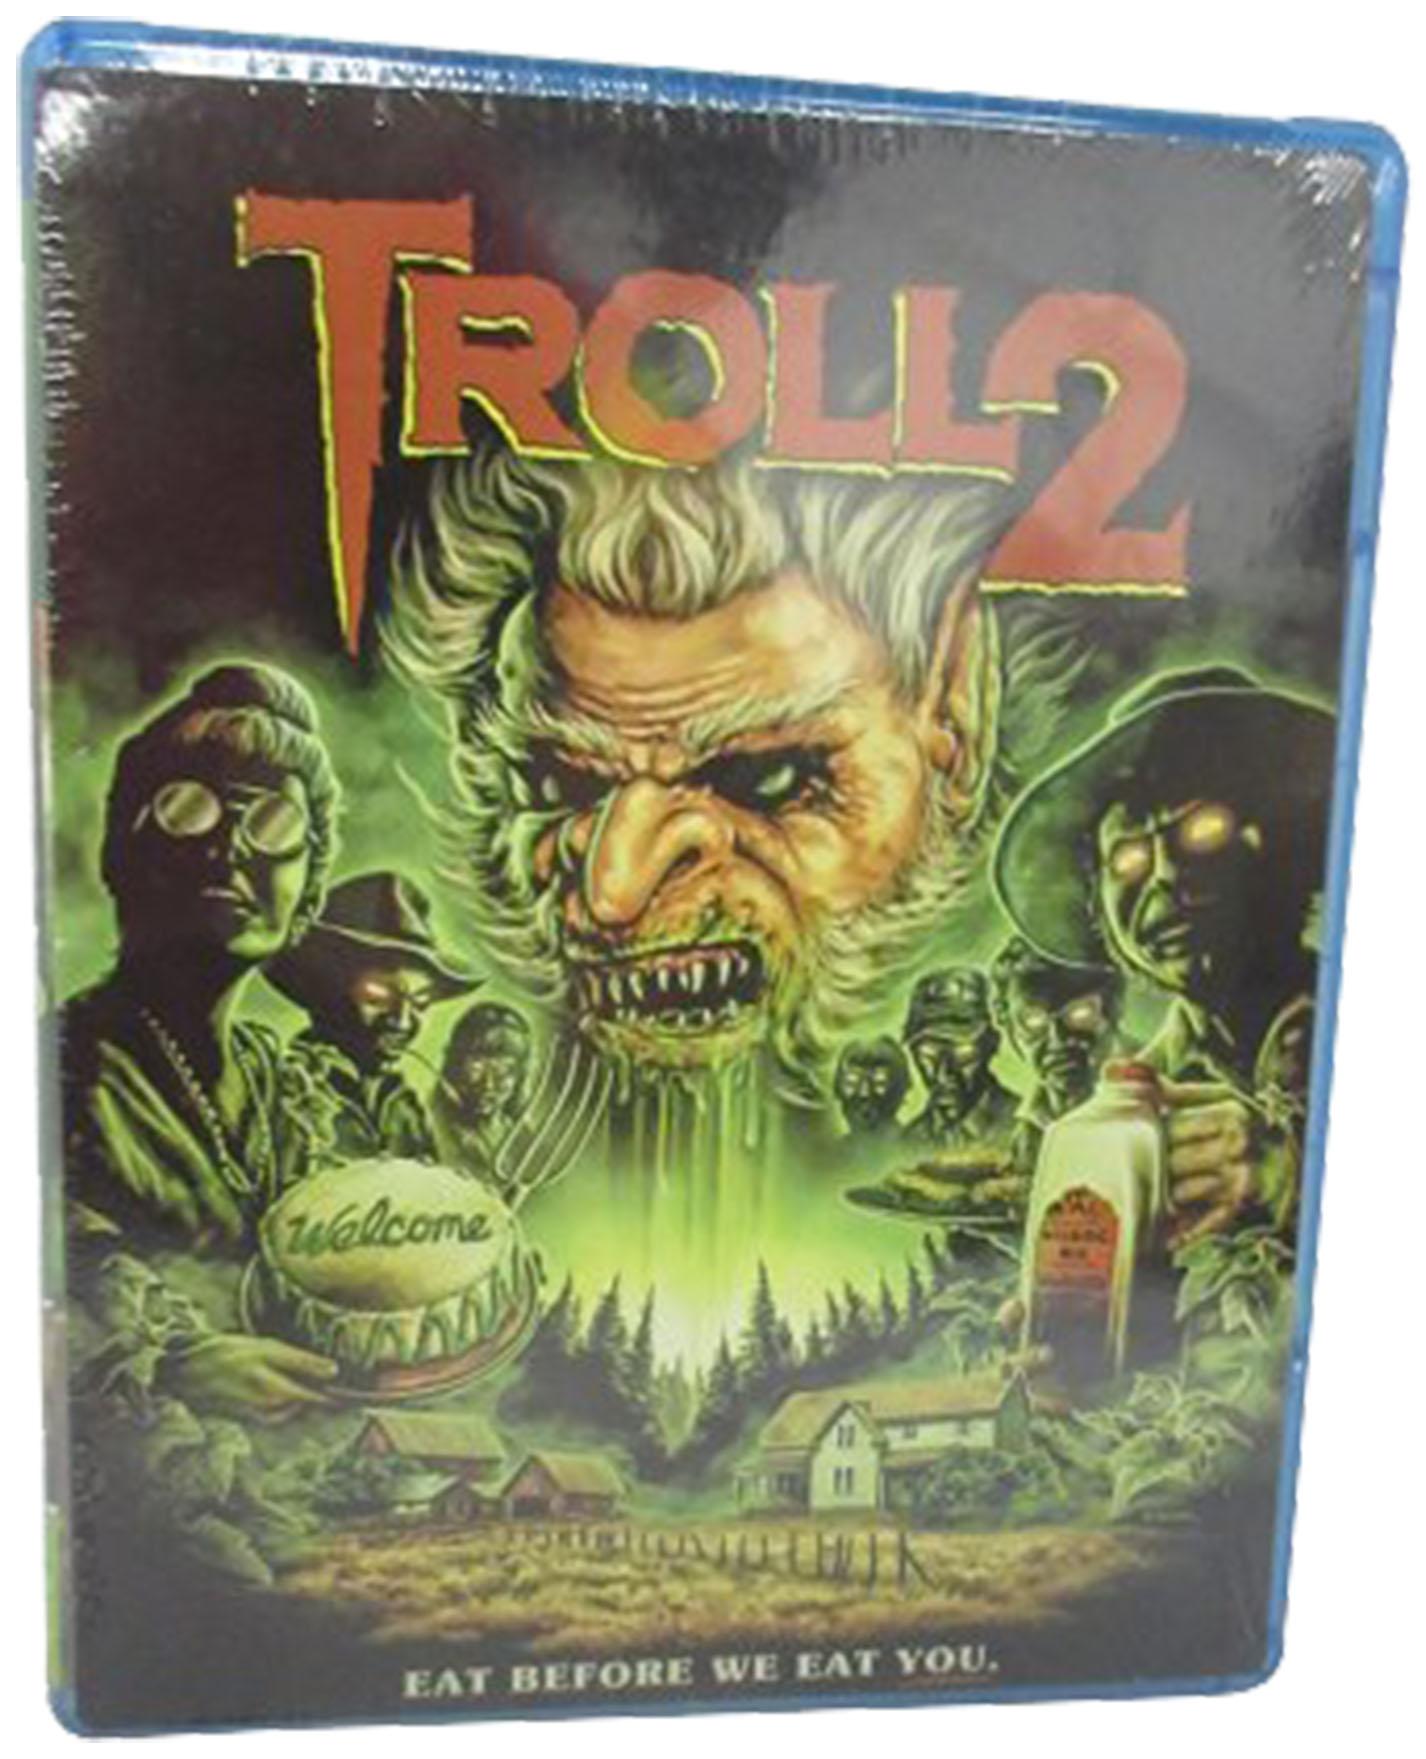 Troll+2_DVD_Deborah+Reed